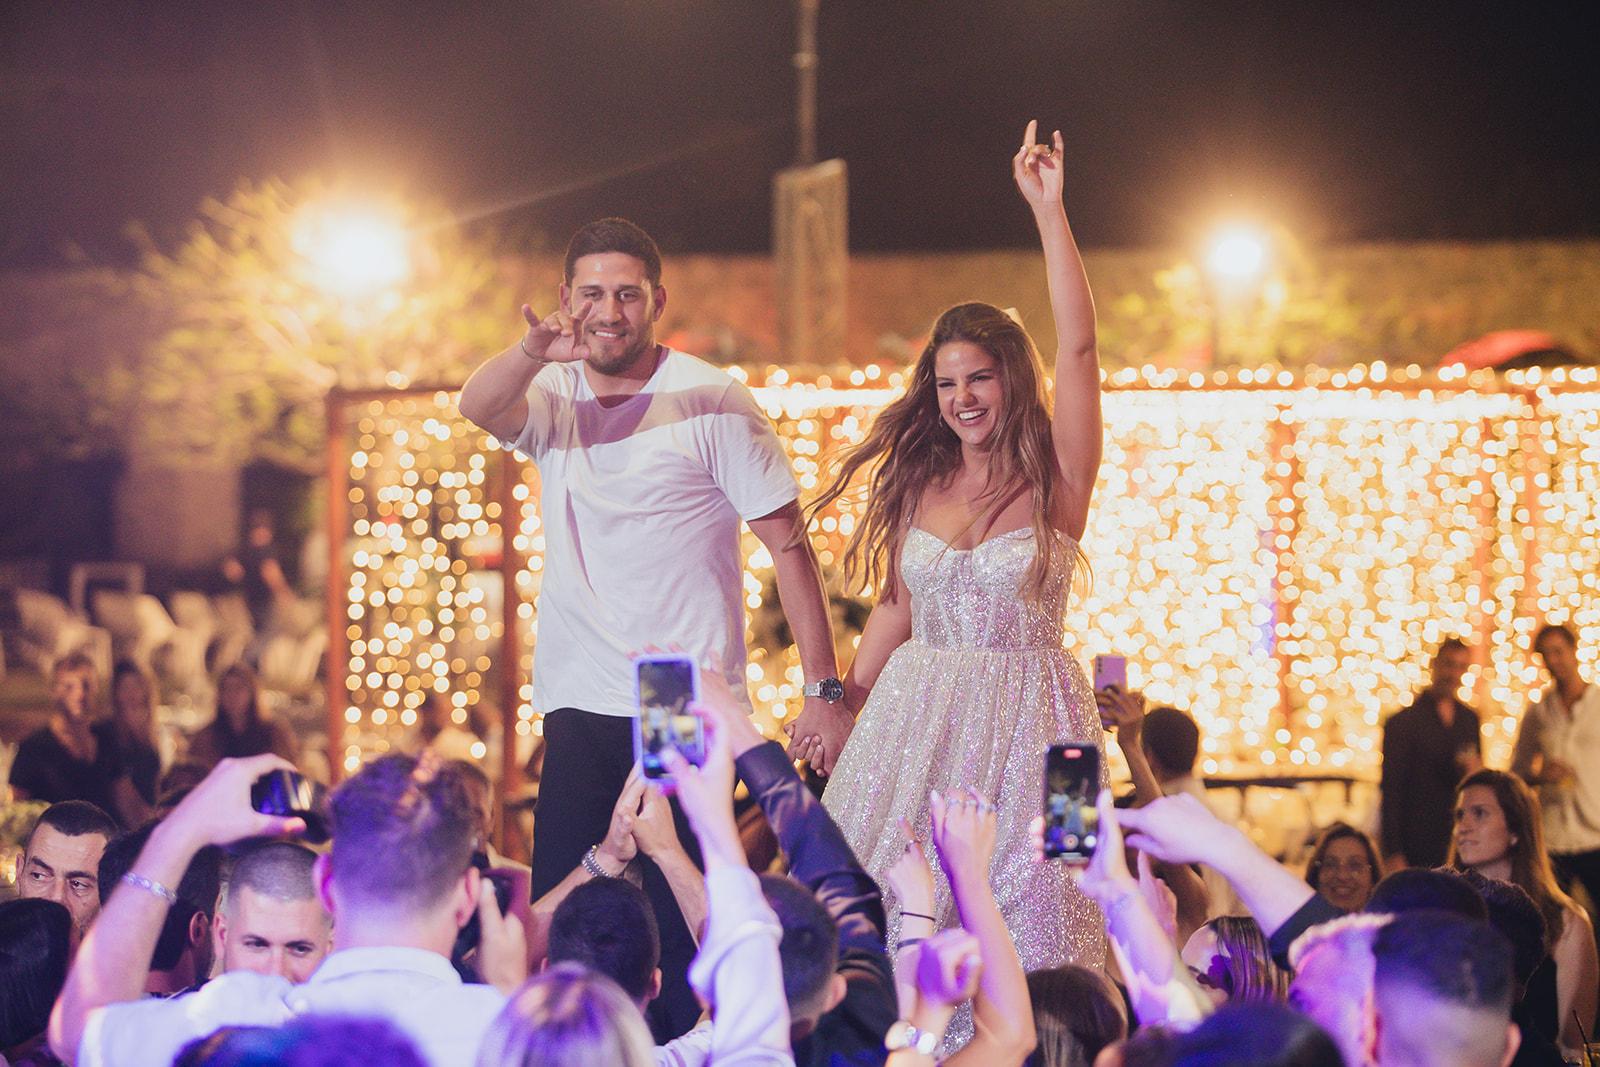 אלף נורות קטנות ומסיבה עד אור הבוקר: החתונה של ברית וגל